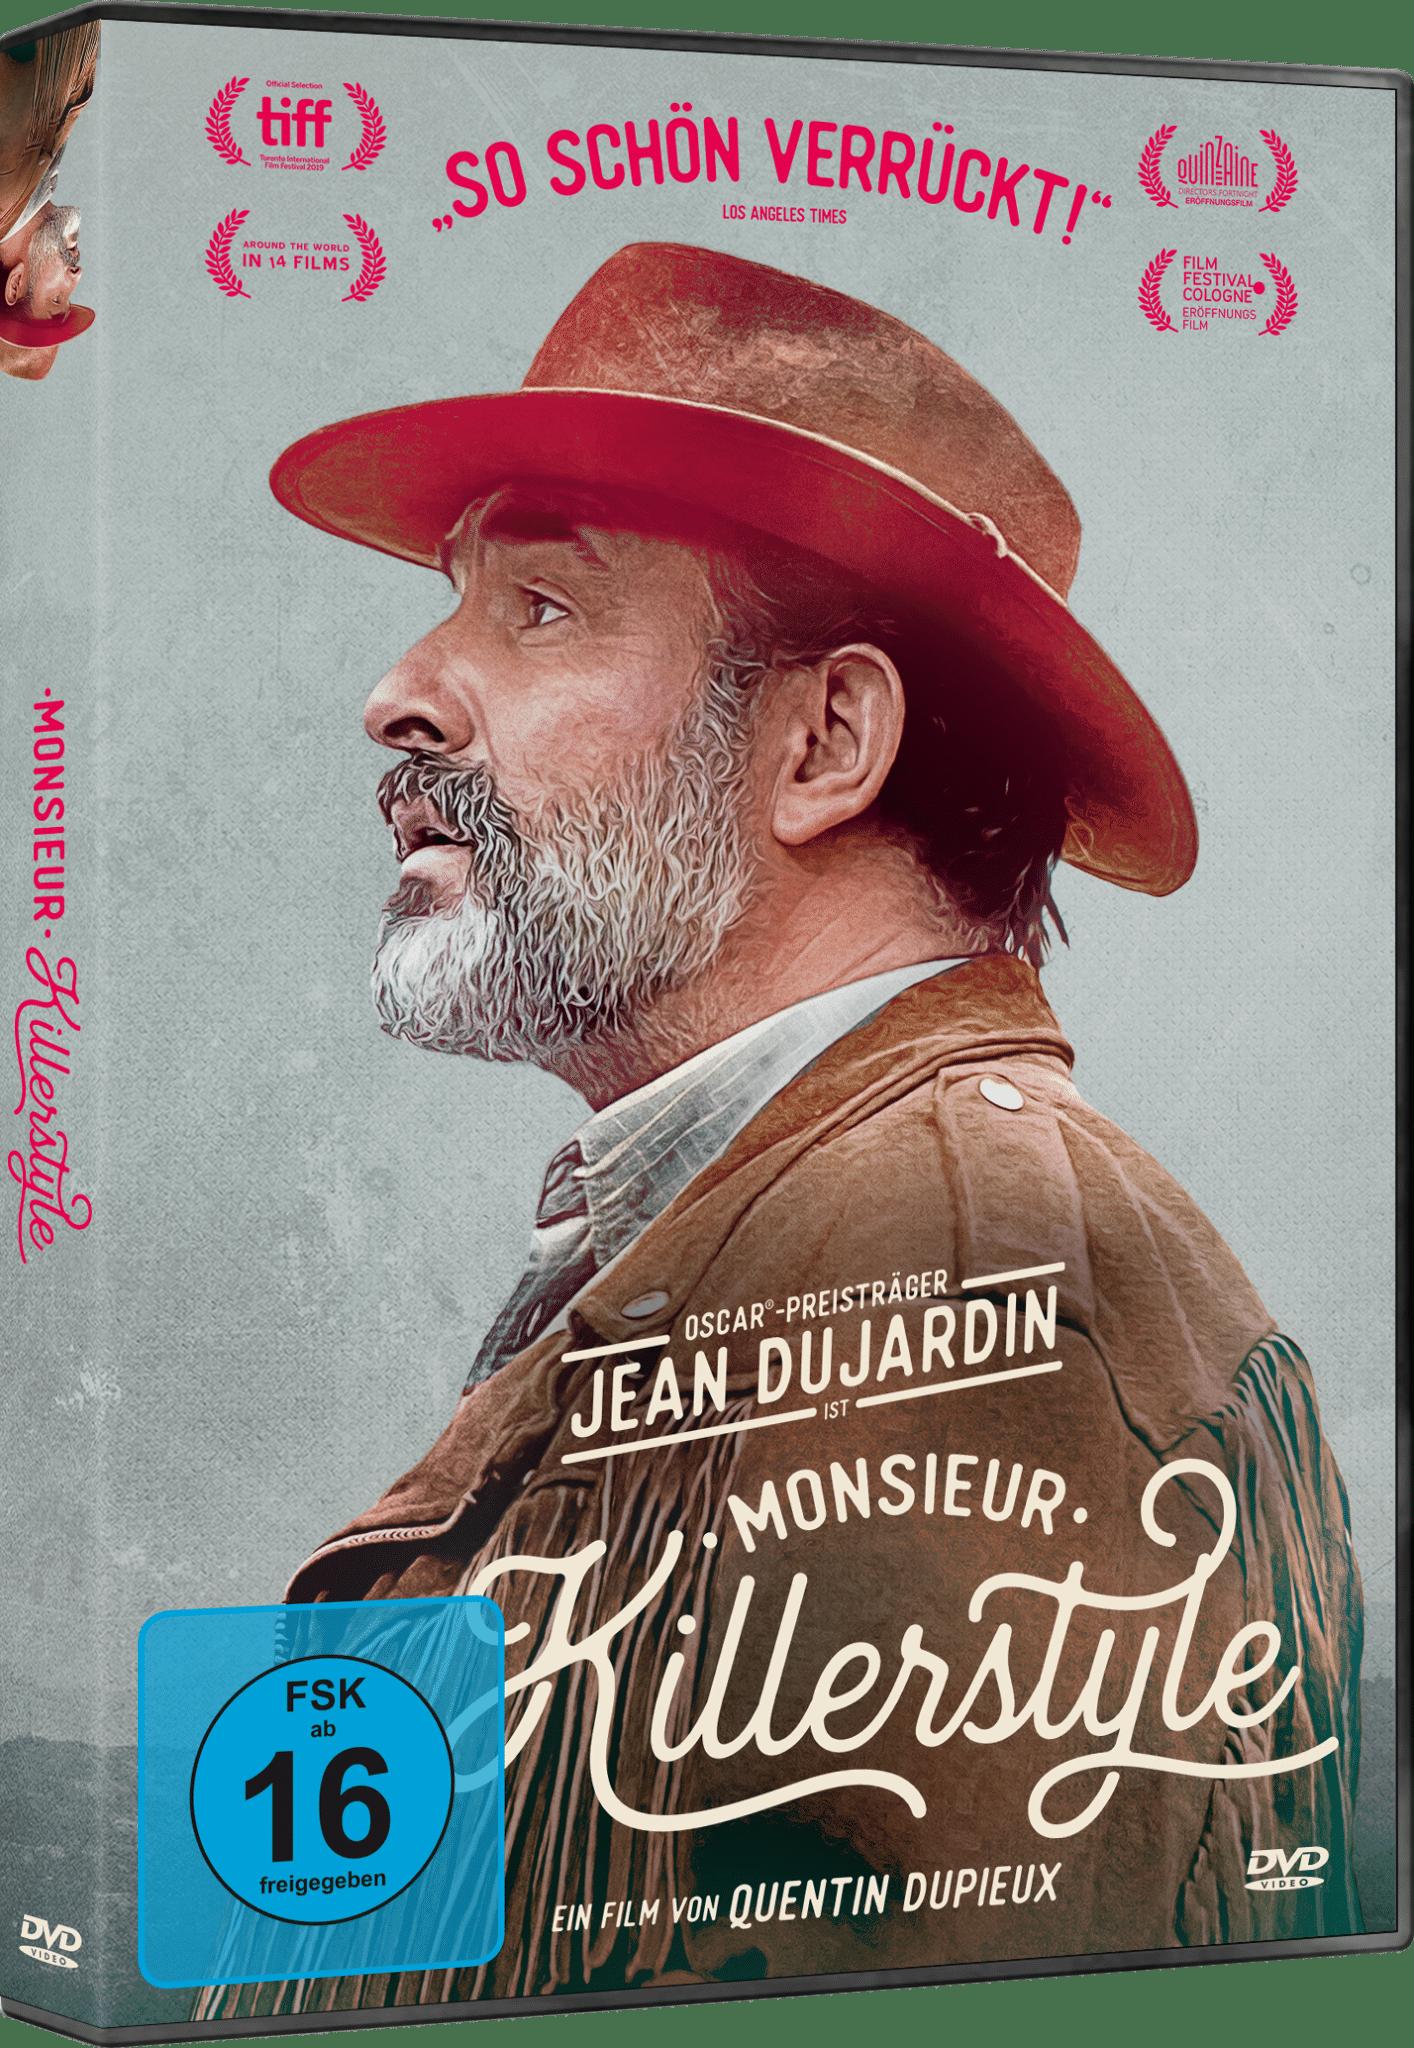 Das DVD-Cover von Monsieur Killerstyle zeigt Hauptcharakter Georges (Jean Dujardin) im Profil. Er trägt seine Wildlederjacke und einen geklauten Wildlederhut.